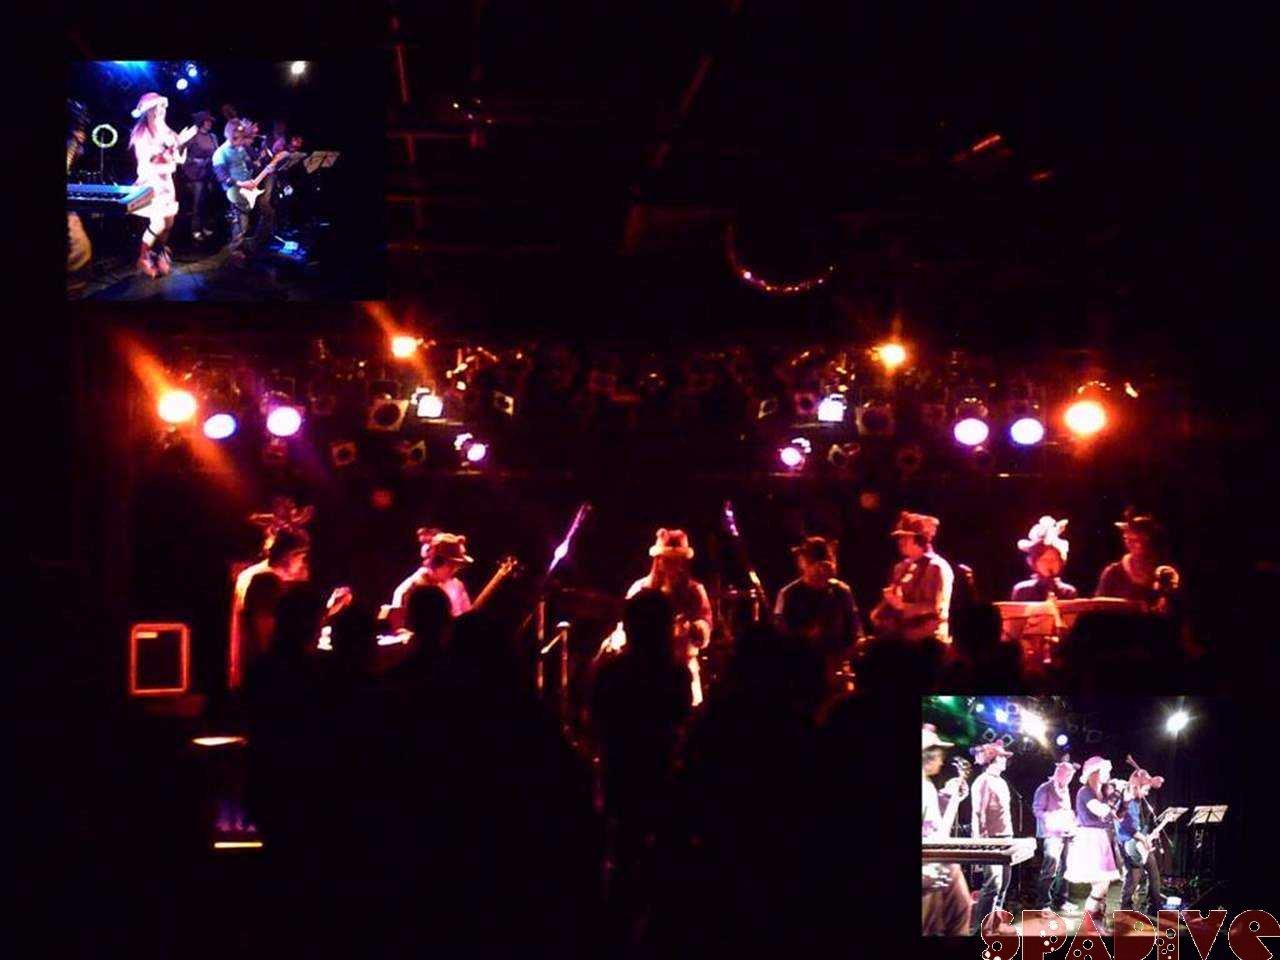 クリスマス・ライブ観戦 12/28/2006大阪